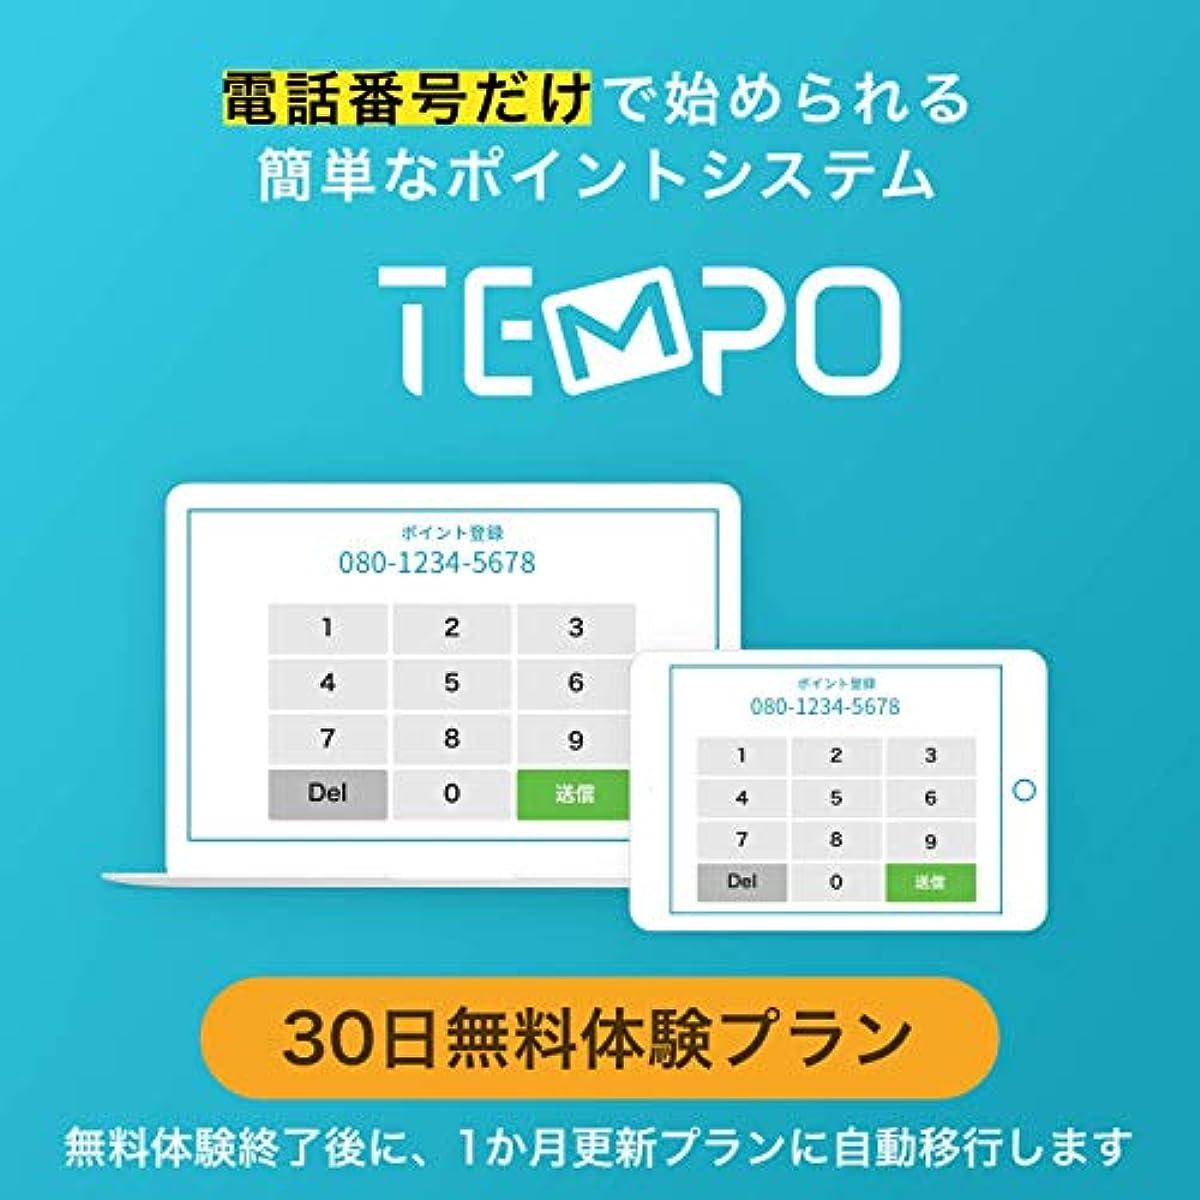 ポイントシステム TEMPO | 30日無料体験 | サブスクリプション(定期更新)